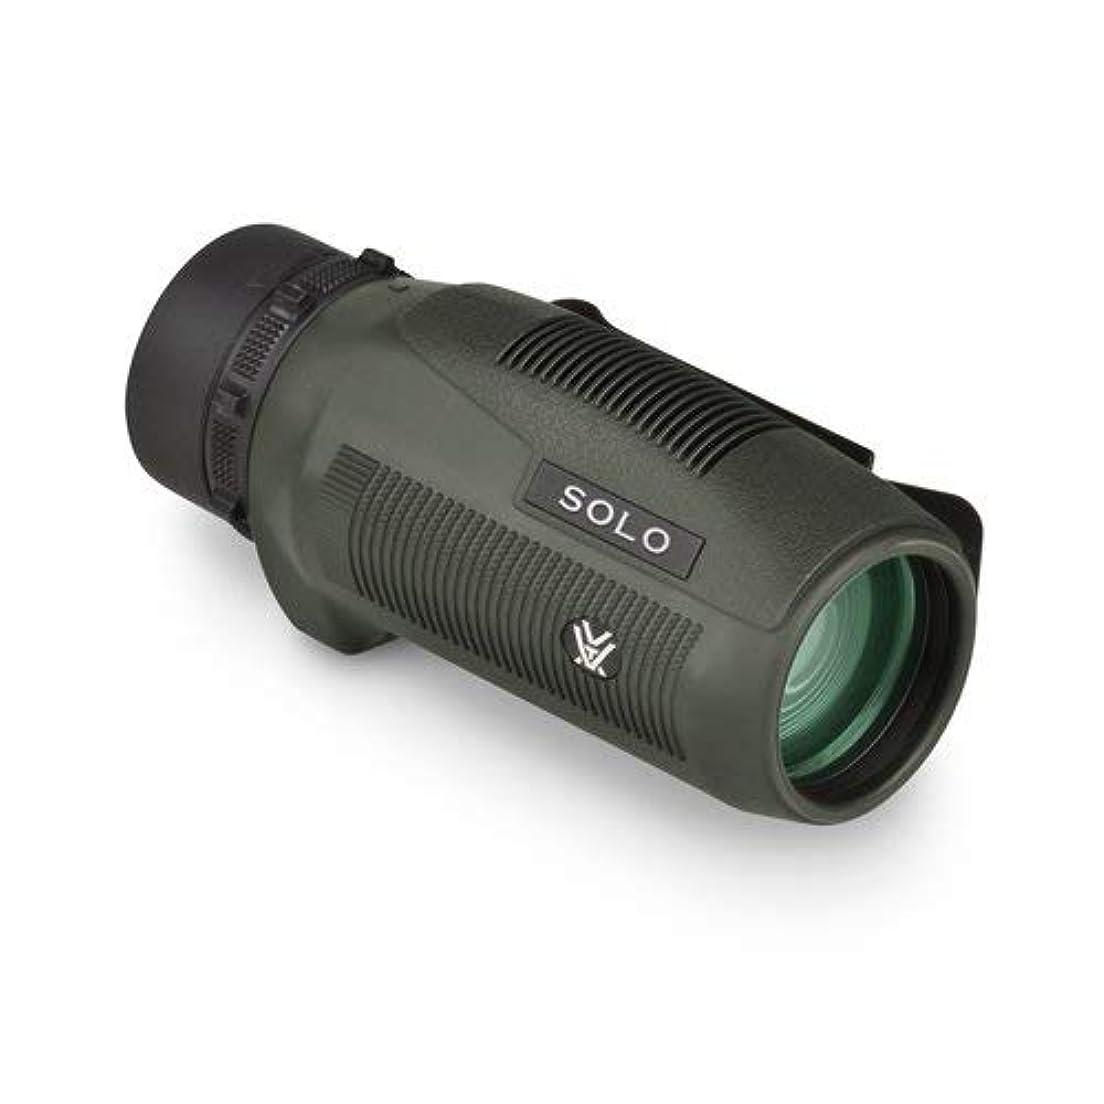 締め切り脅威タールVORTEX Solo 8倍36mmダハプリズム 防水単眼鏡 VORTEXクリップマイクロファイバークロス付き